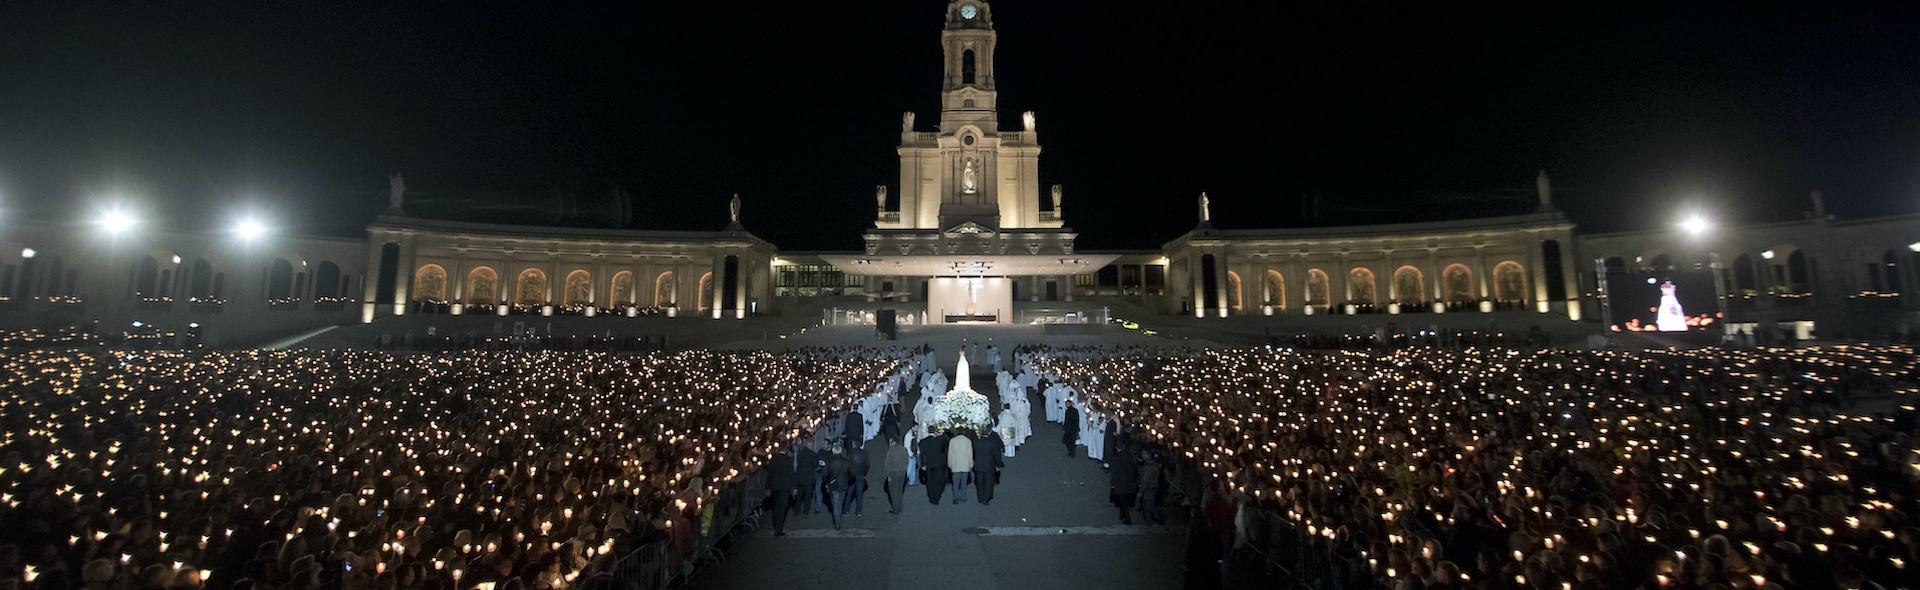 Pellegrinaggio a Fatima da Roma Santi